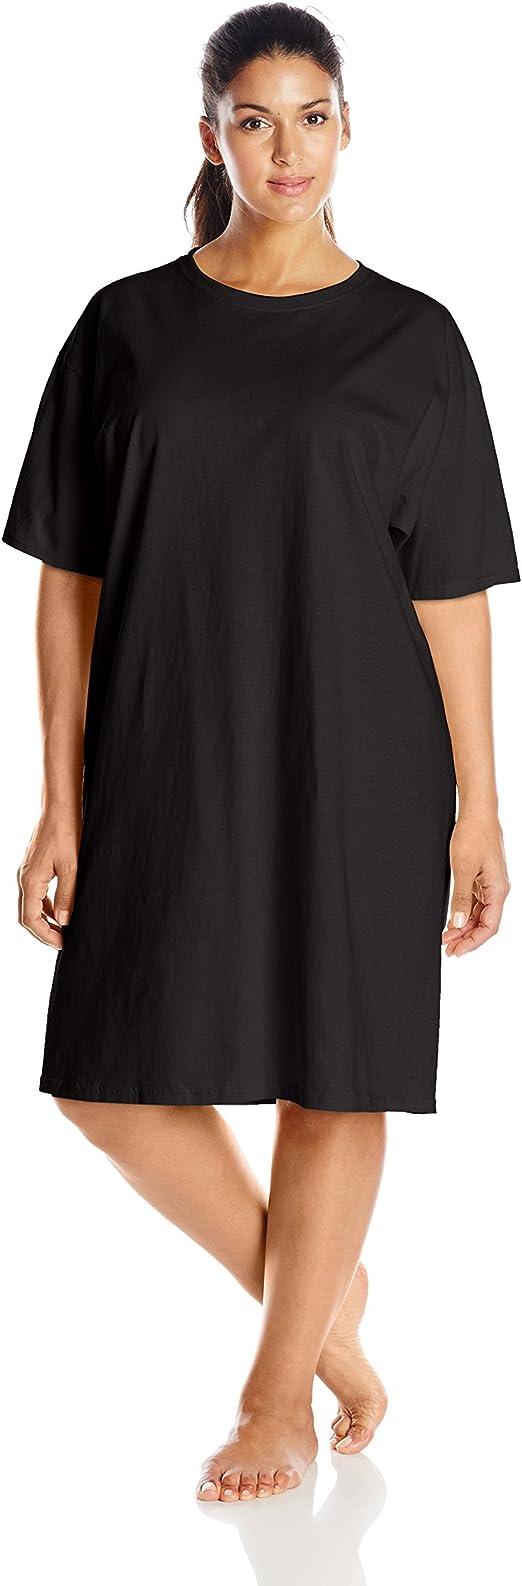 Women's Wear Around Nightshirt